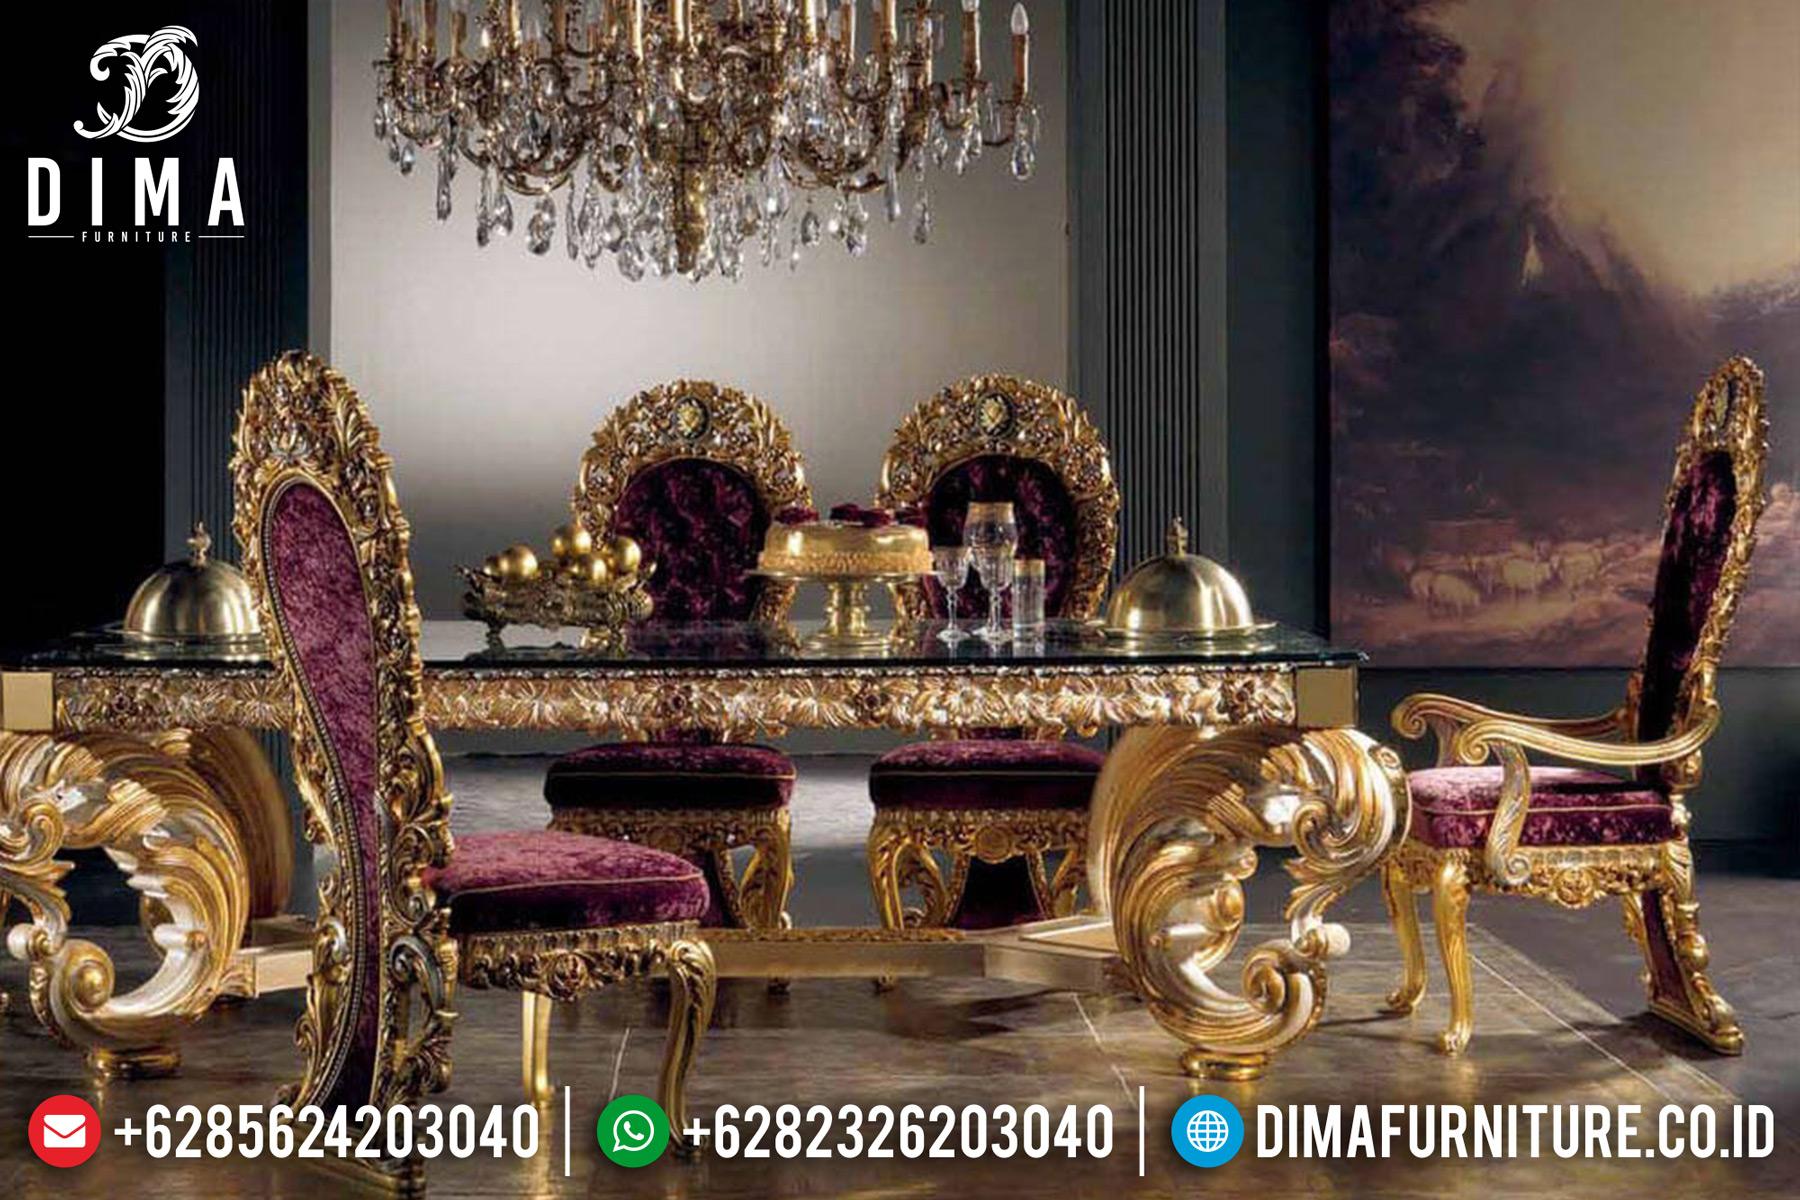 Kursi Meja Makan Mewah Jepara Ukiran Klasik European Style Gold ST-0499 Gambar 1